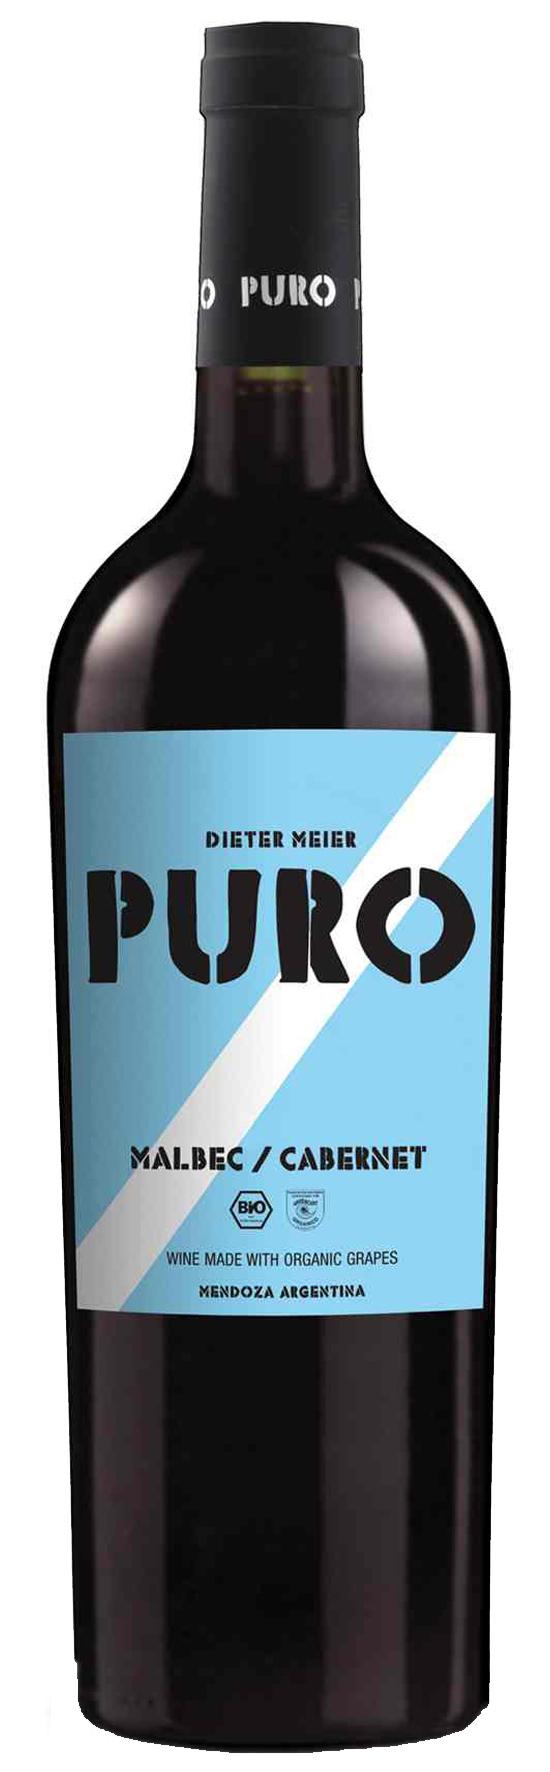 2016 DIETER MEIER Puro Malbec Cabernet